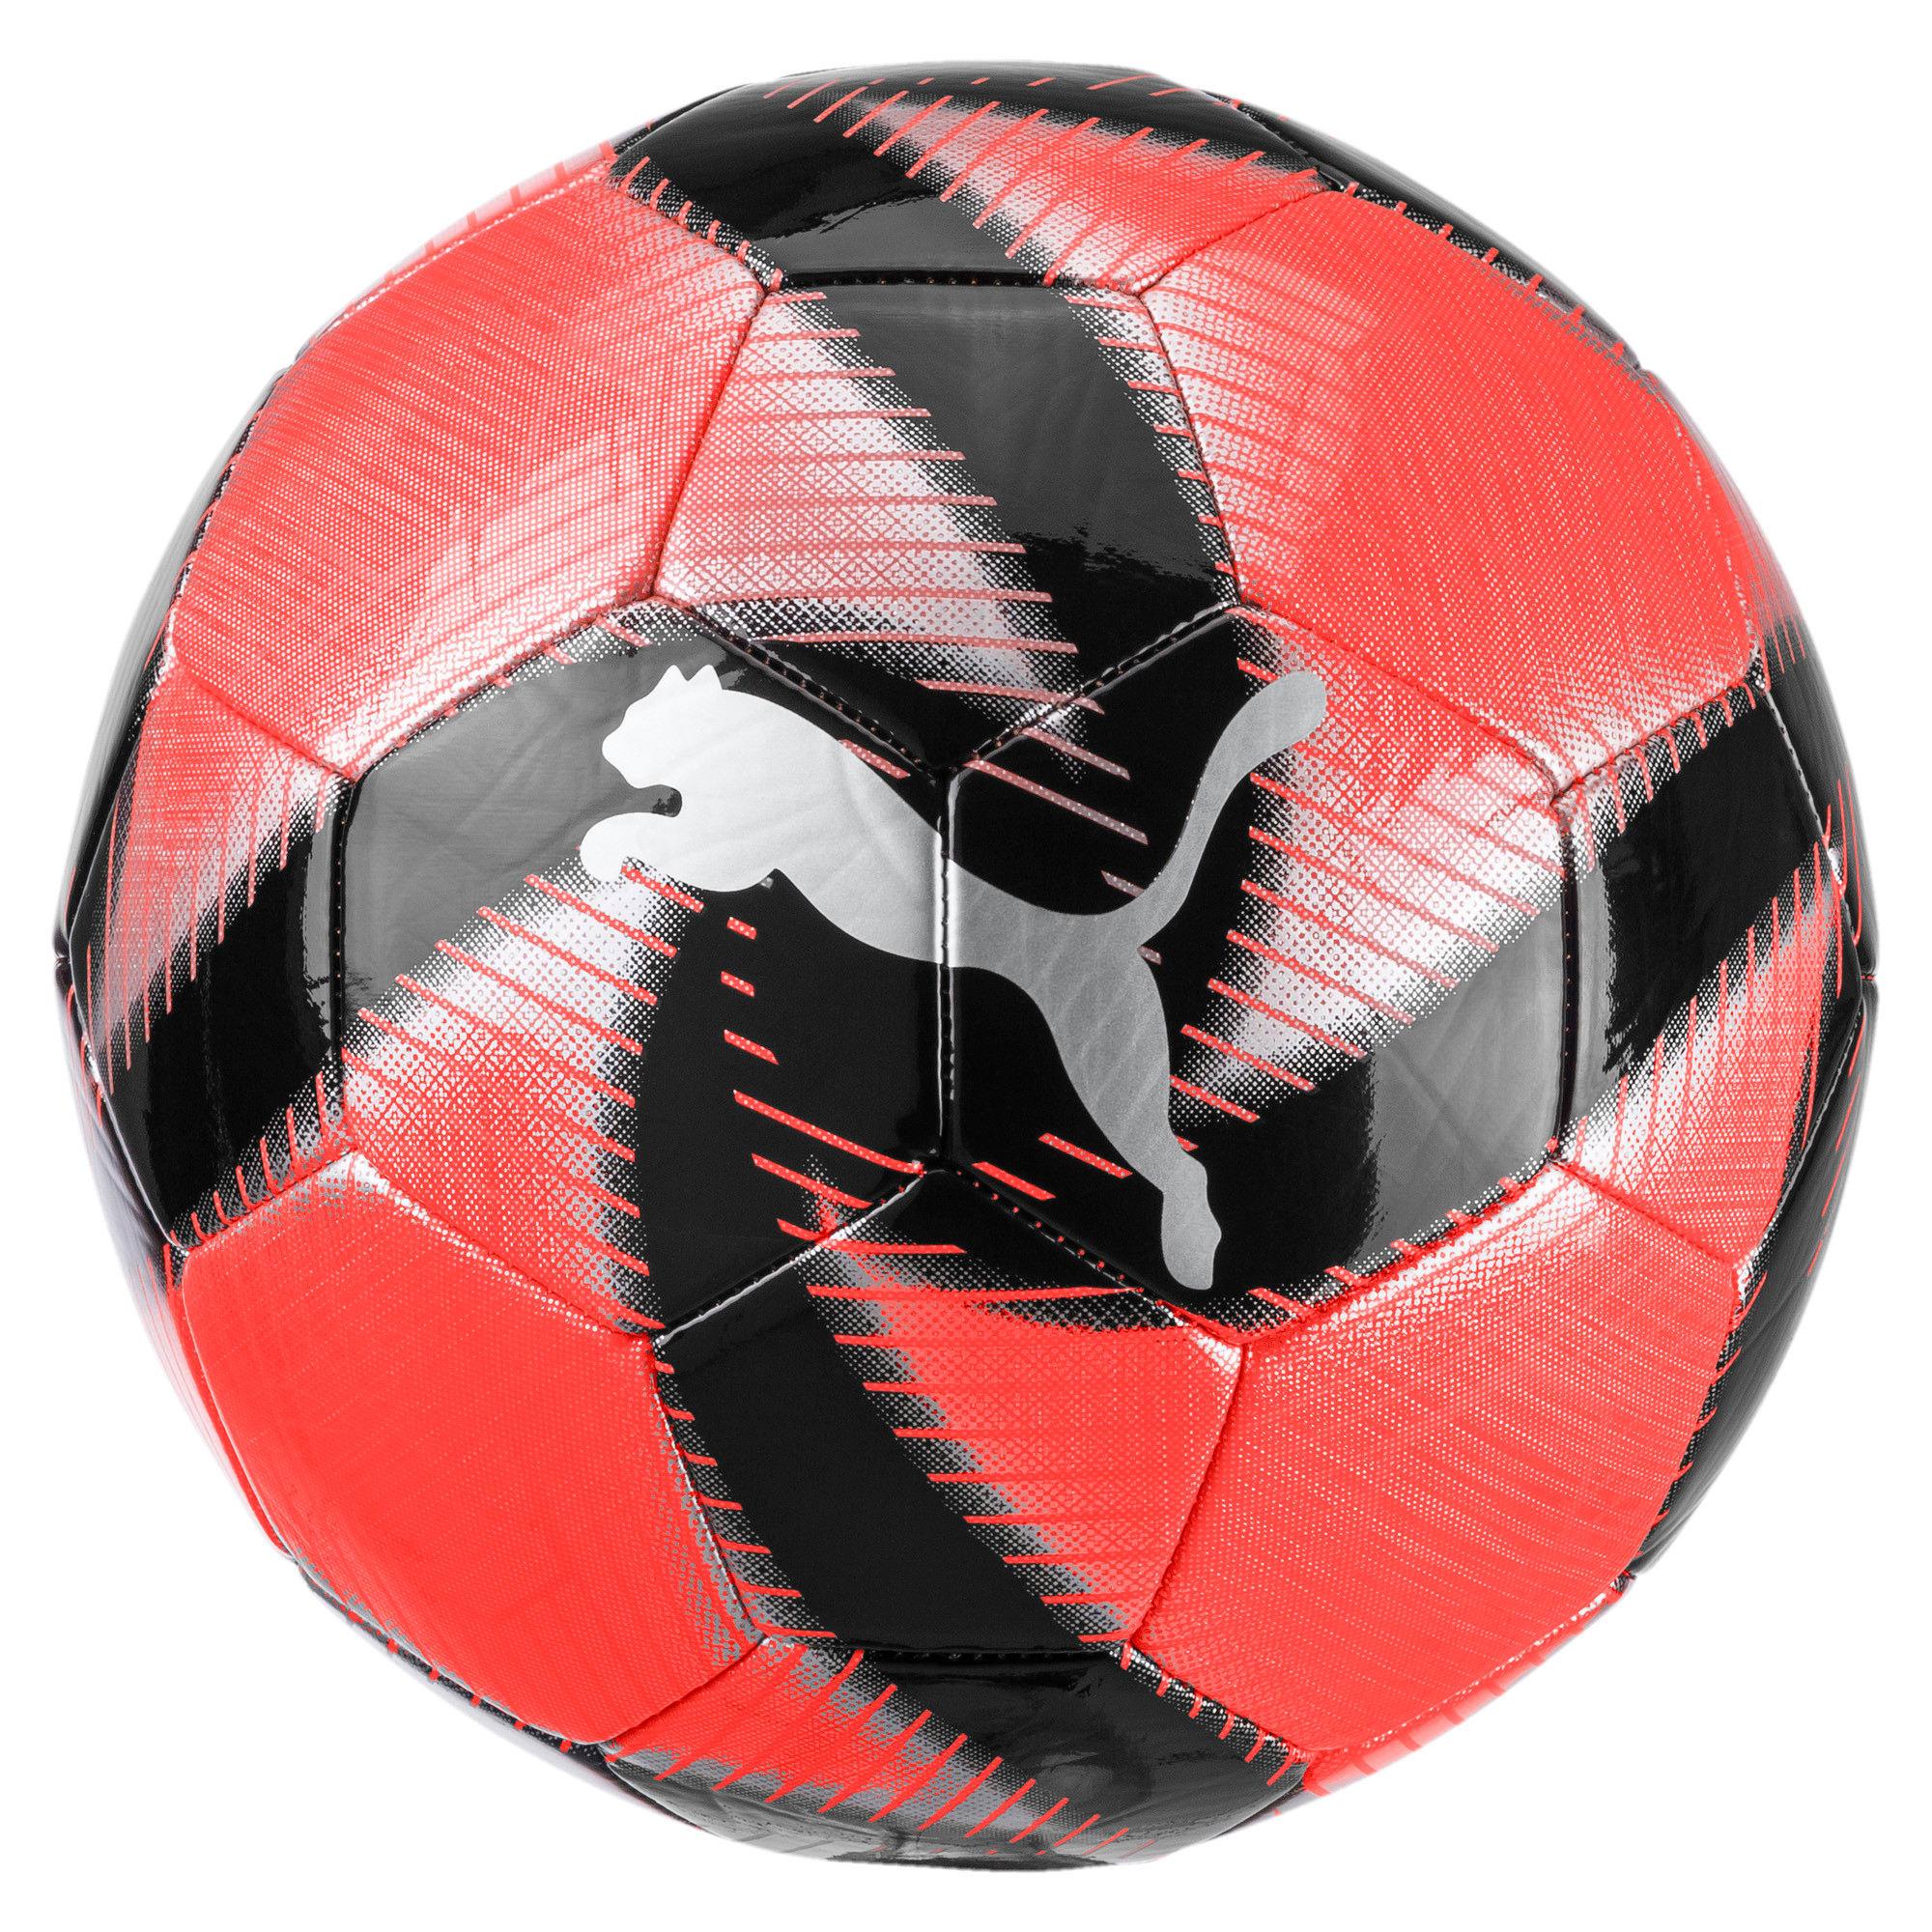 Thumbnail 1 of FUTURE Flare Soccer Ball, Nrgy Red-Asphalt-Black-White, medium